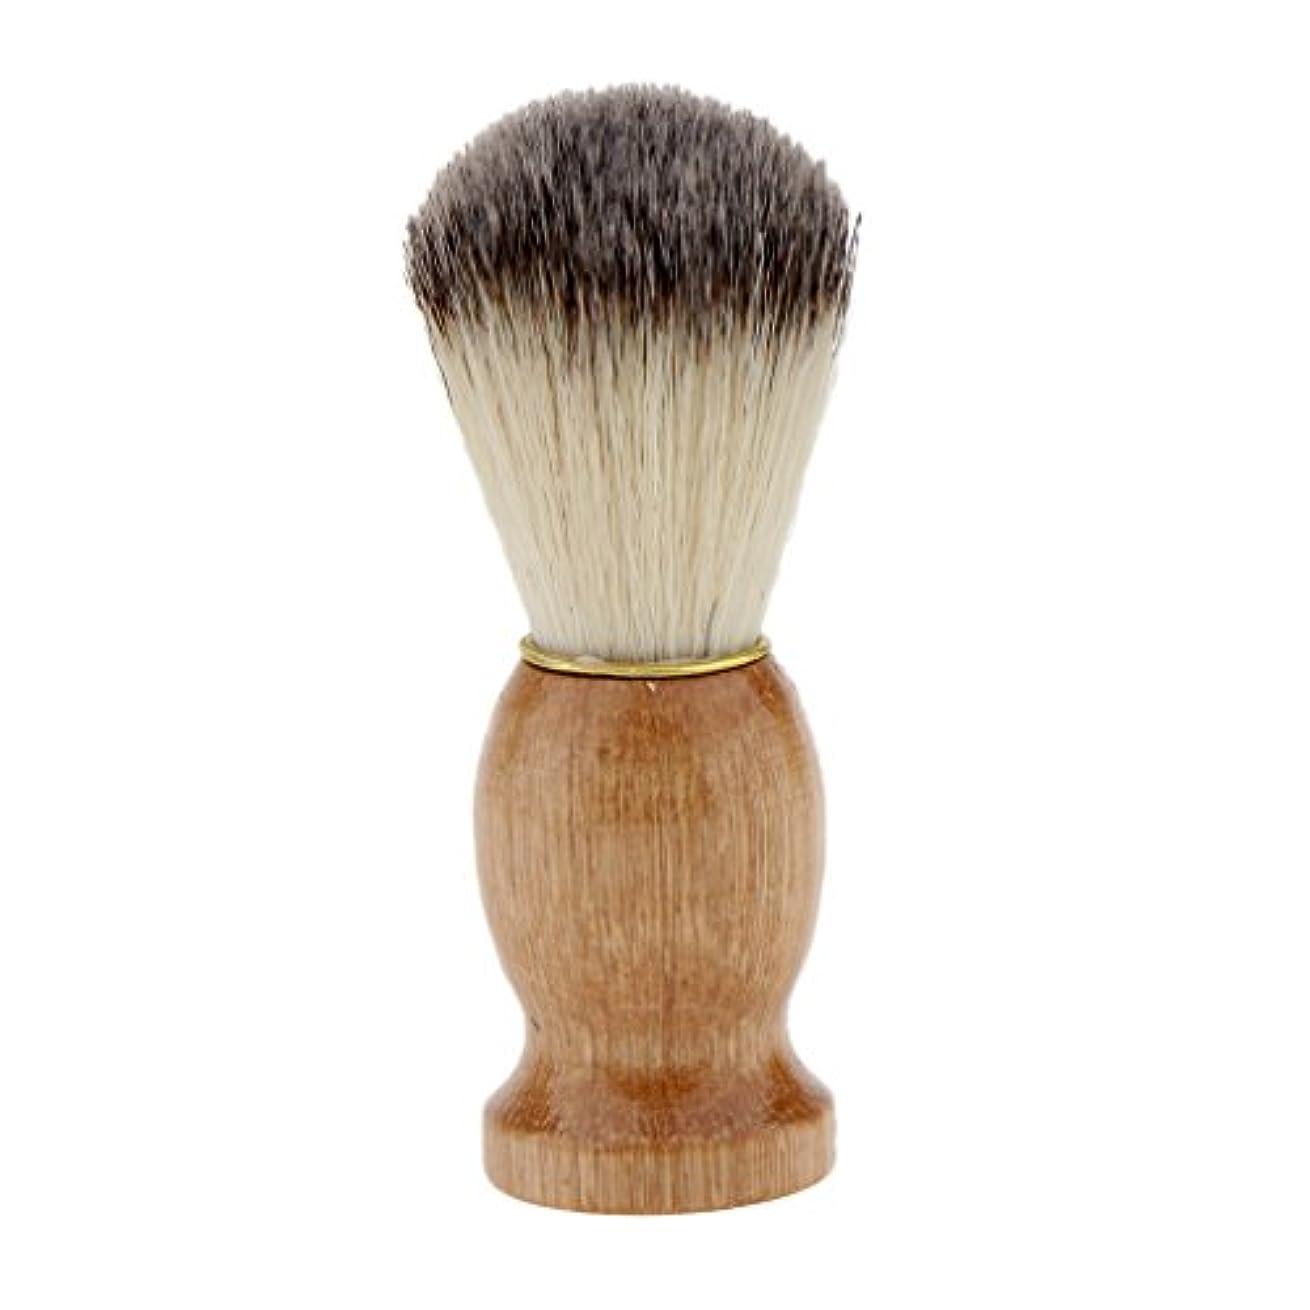 民主主義洪水非効率的なシェービングブラシ 木製ハンドル 男性 ひげ剃りブラシ ひげ クレンジング